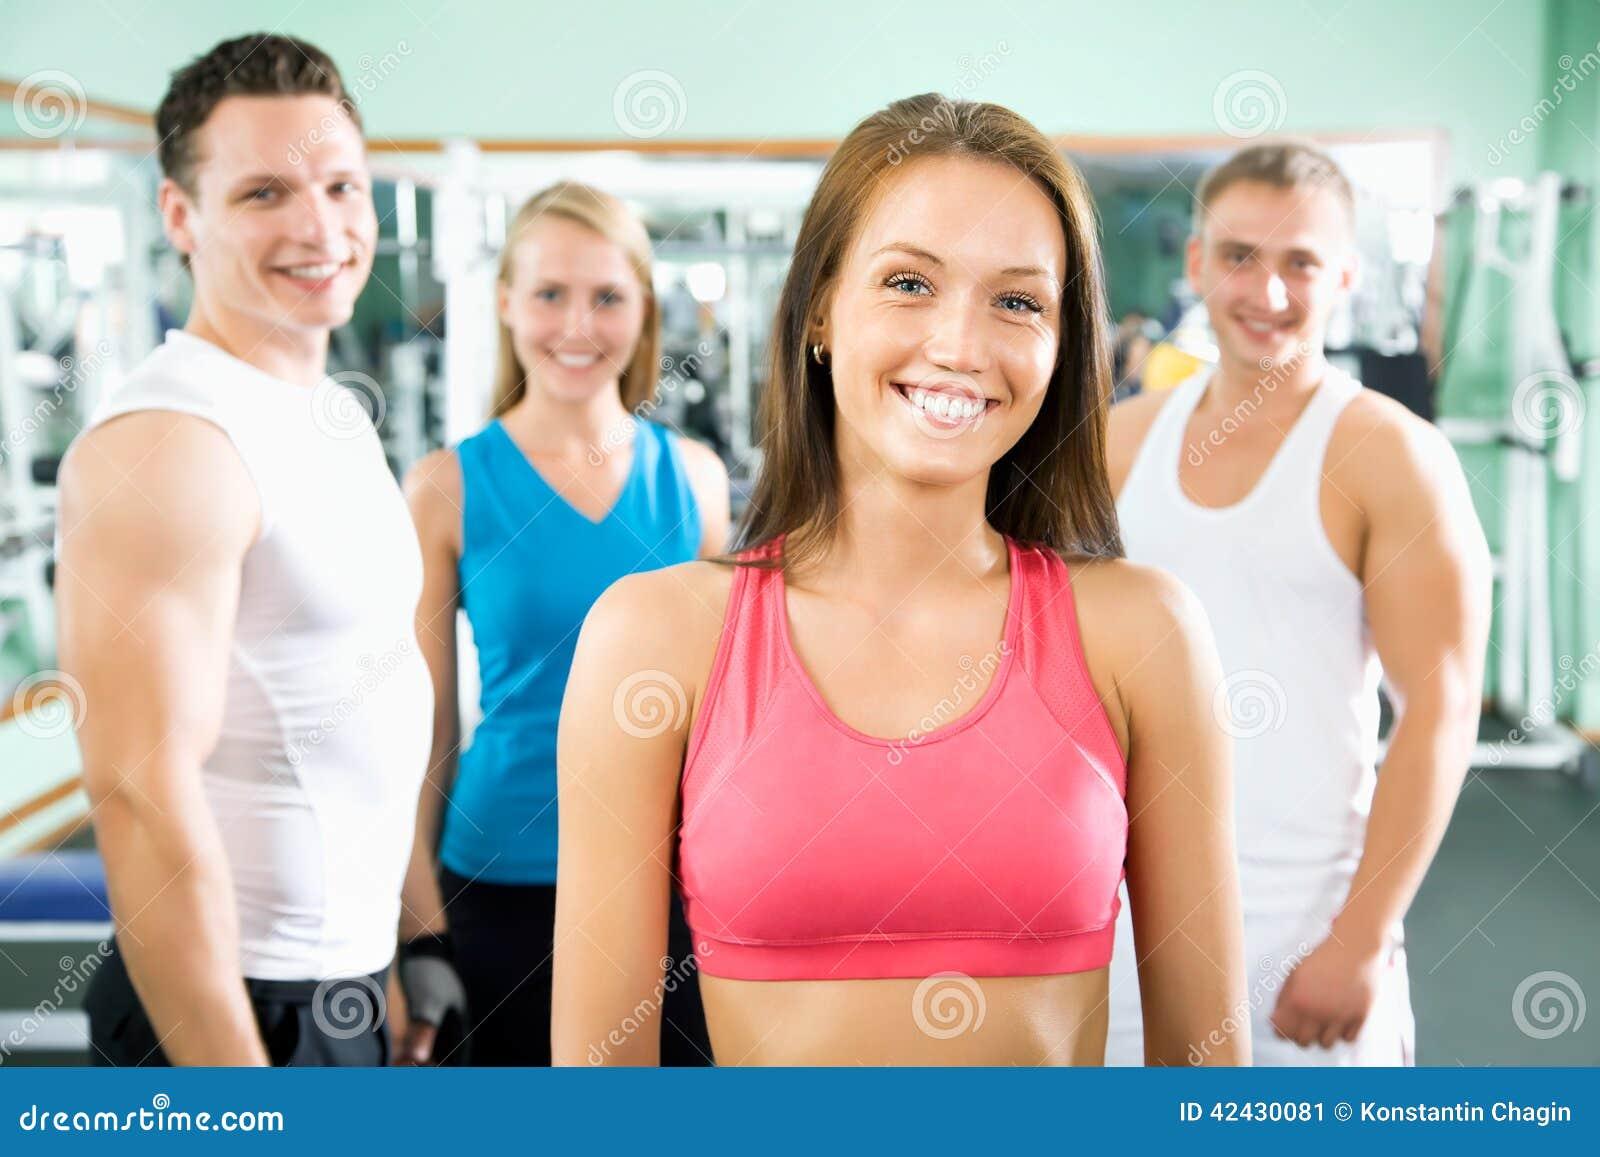 Женщина усмехаясь перед группой в составе люди спортзала